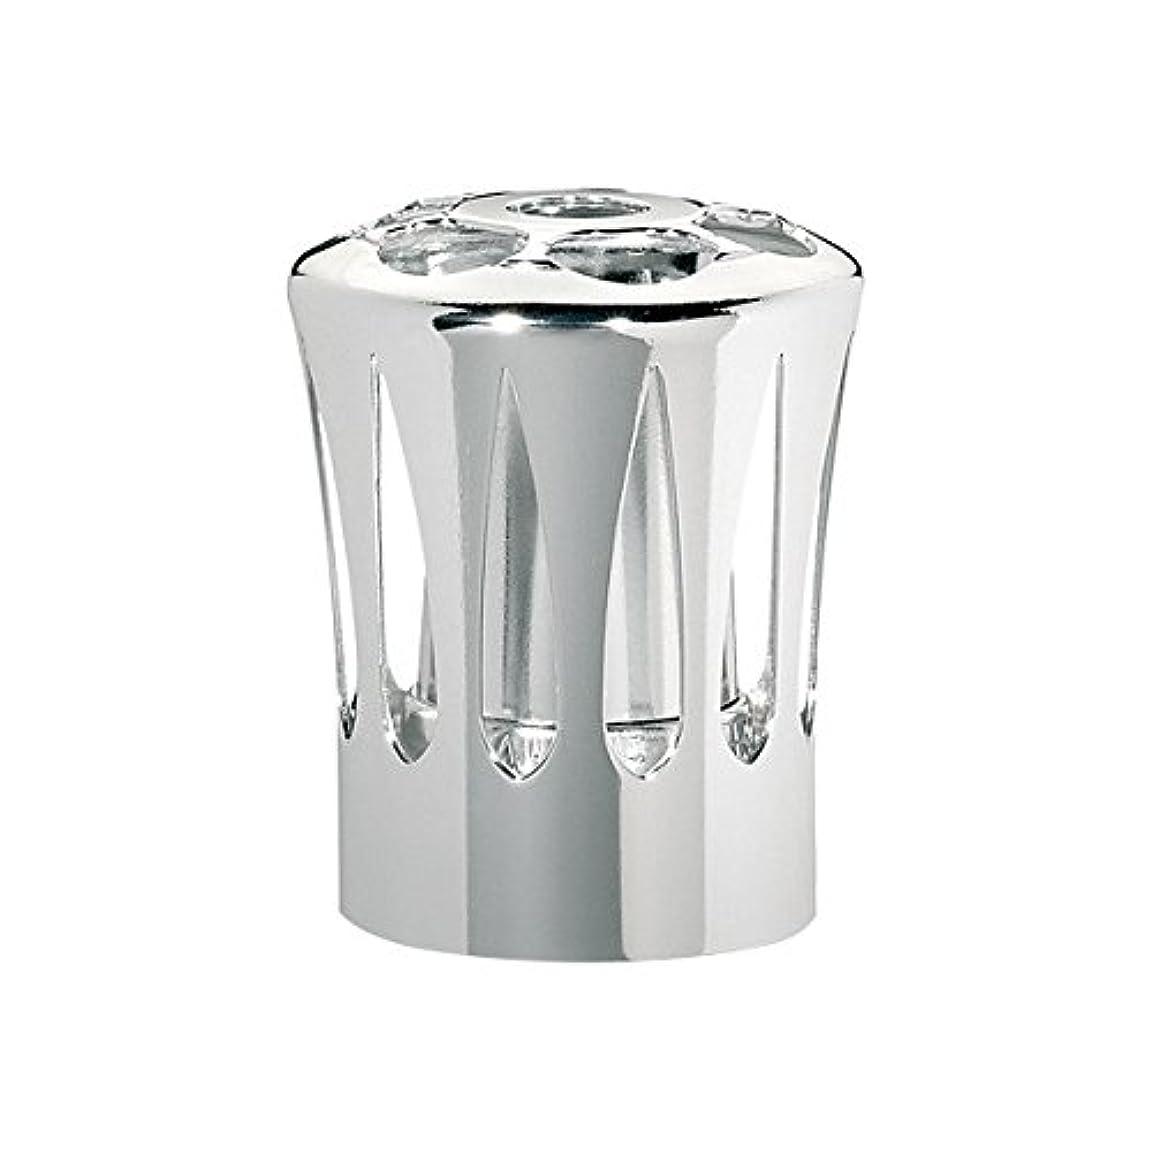 牧草地に沿って試してみるランプベルジェ(LAMPE BERGER) 安全キャップ【正規輸入品】飾り蓋シルバー